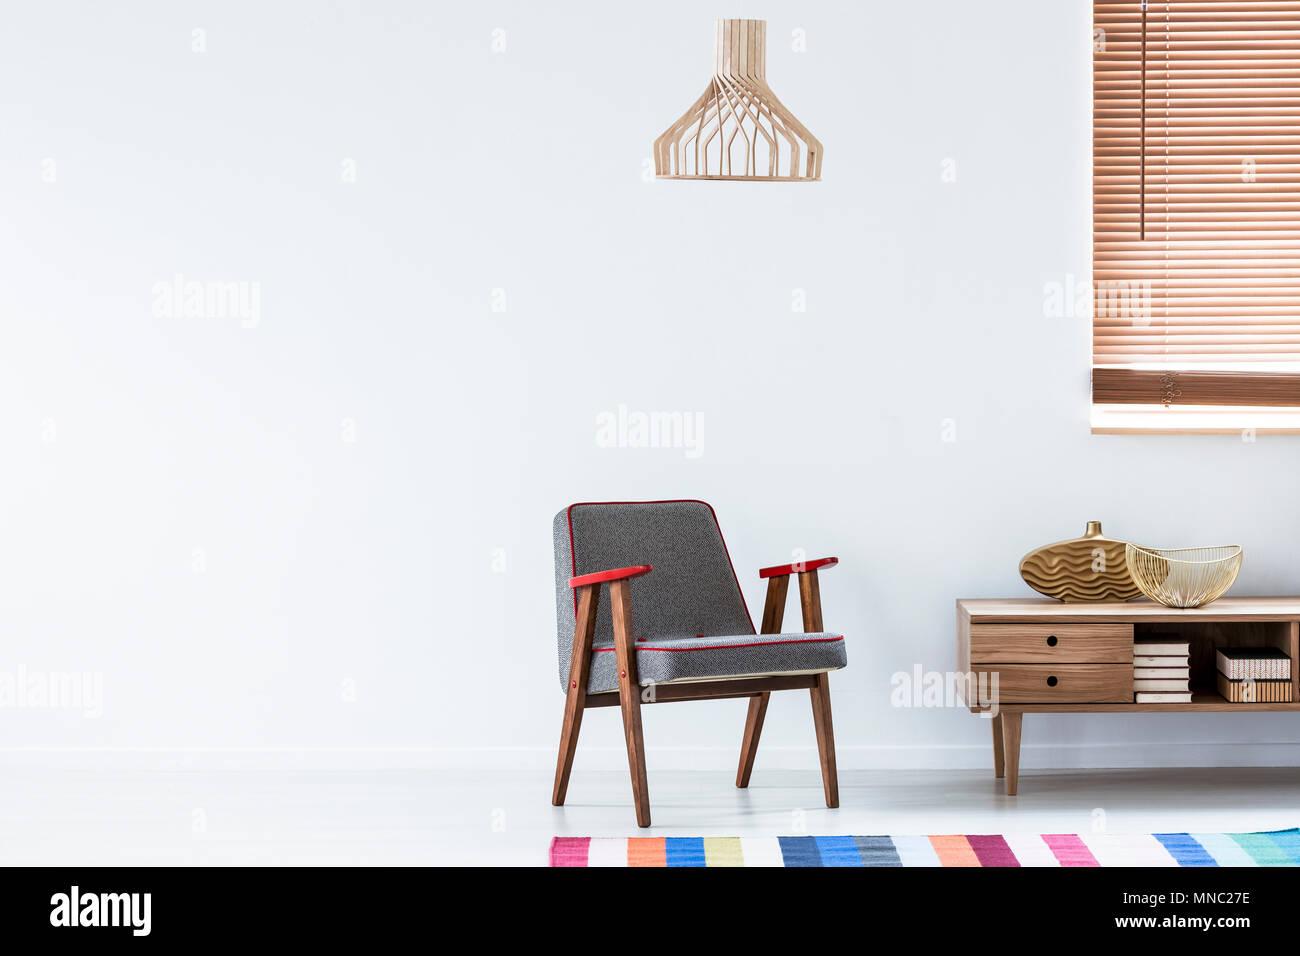 holz schrank wohnzimmer einrichtung, grau sessel neben einem holzschrank mit gold vase im gemütlichen, Design ideen